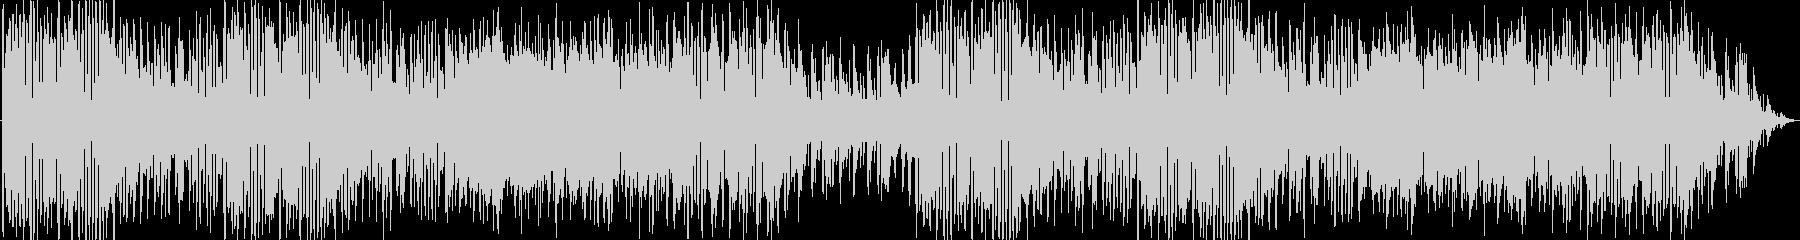 ピアニカや木琴を使った賑やかな曲の未再生の波形